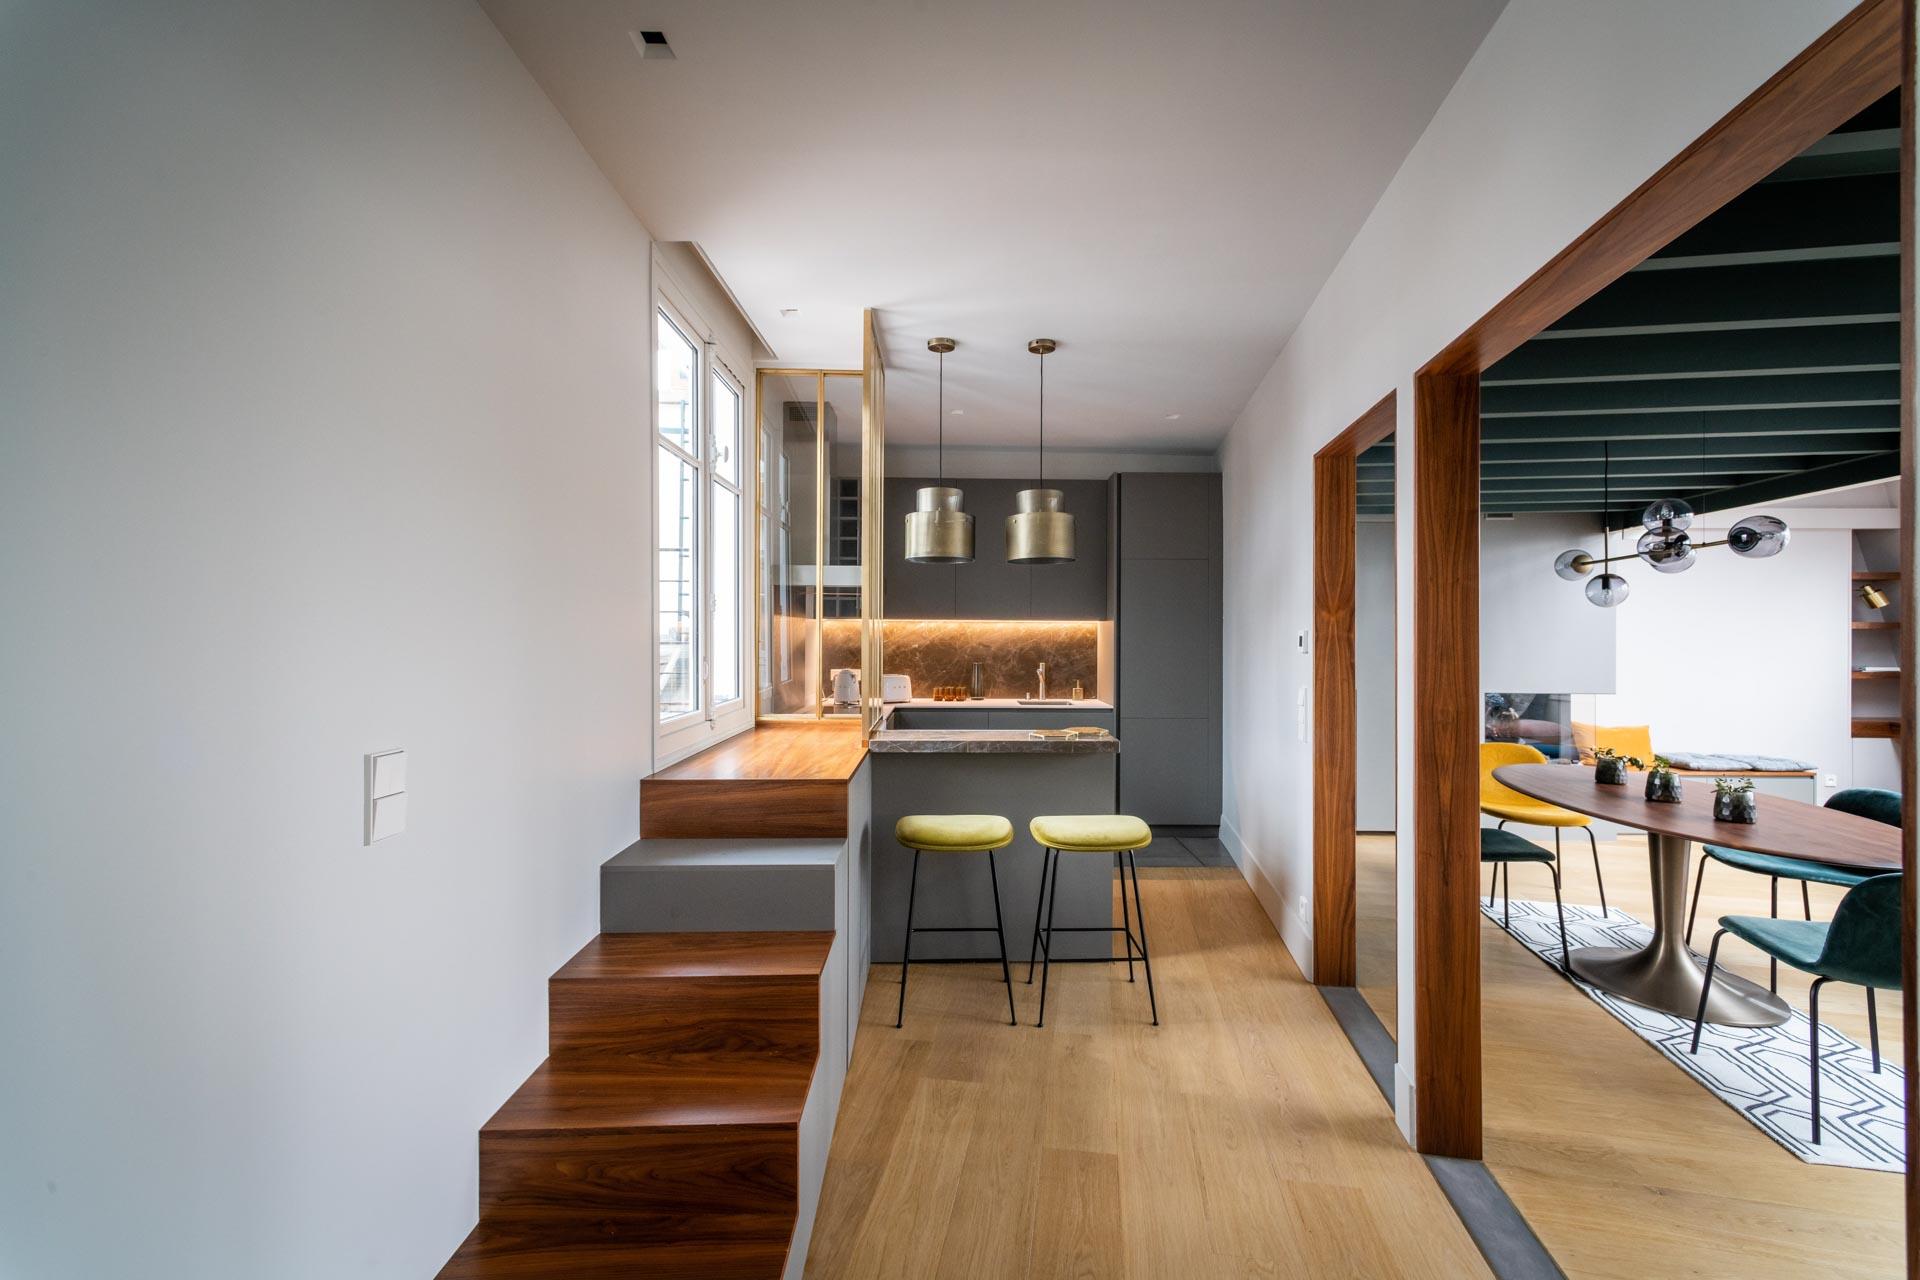 un couloir donne sur une cuisine et une salle à manger avec un escalier vers une fenêtre, plusieurs luminaires au plafond